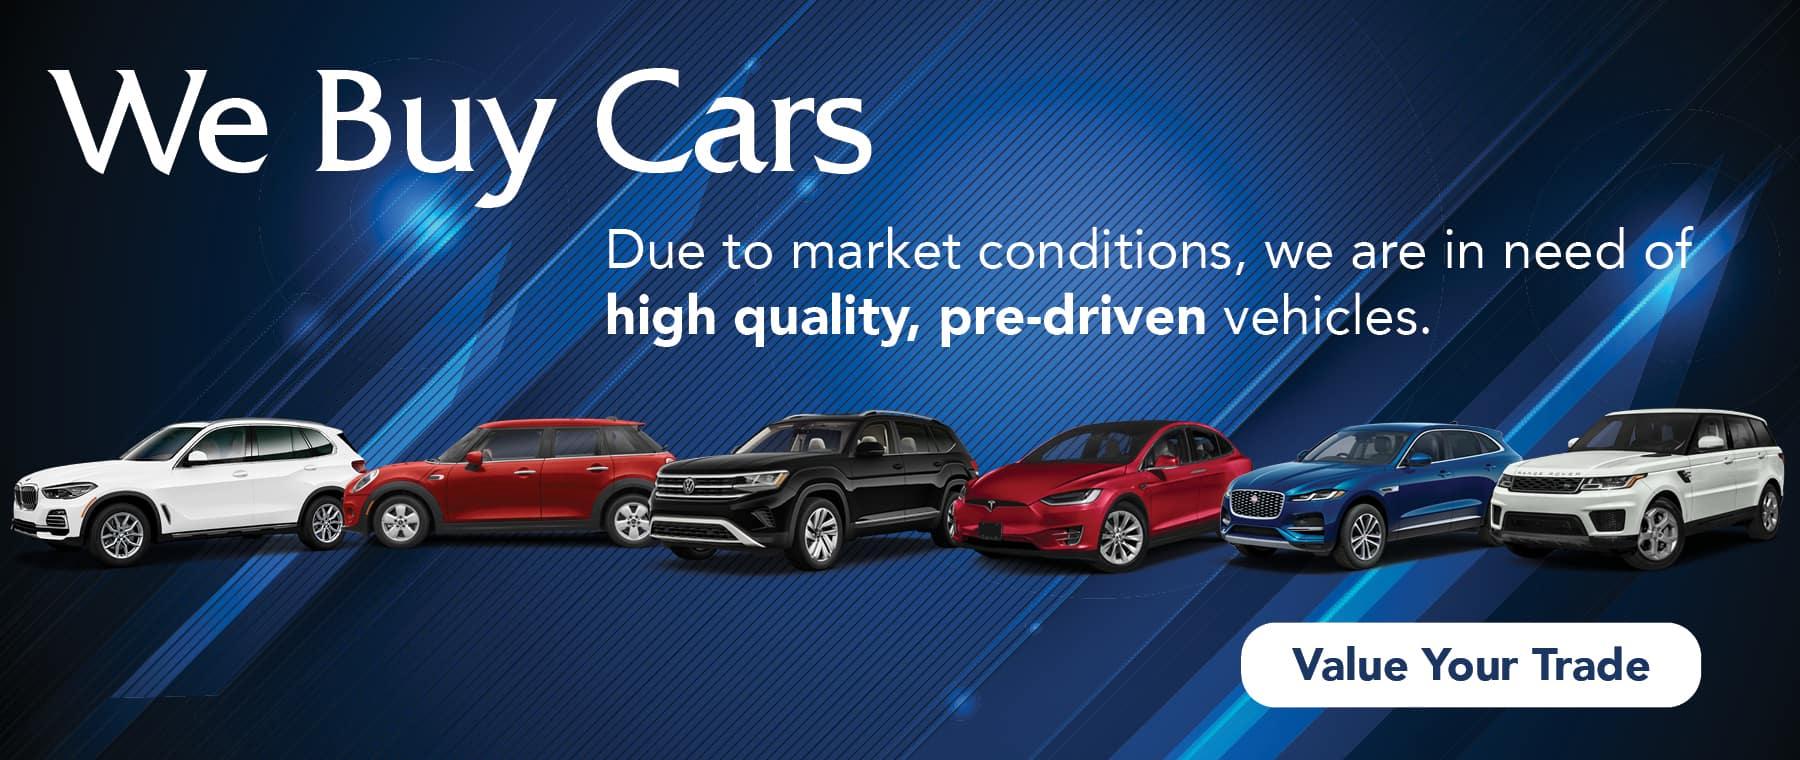 WeBuyCars.Blue